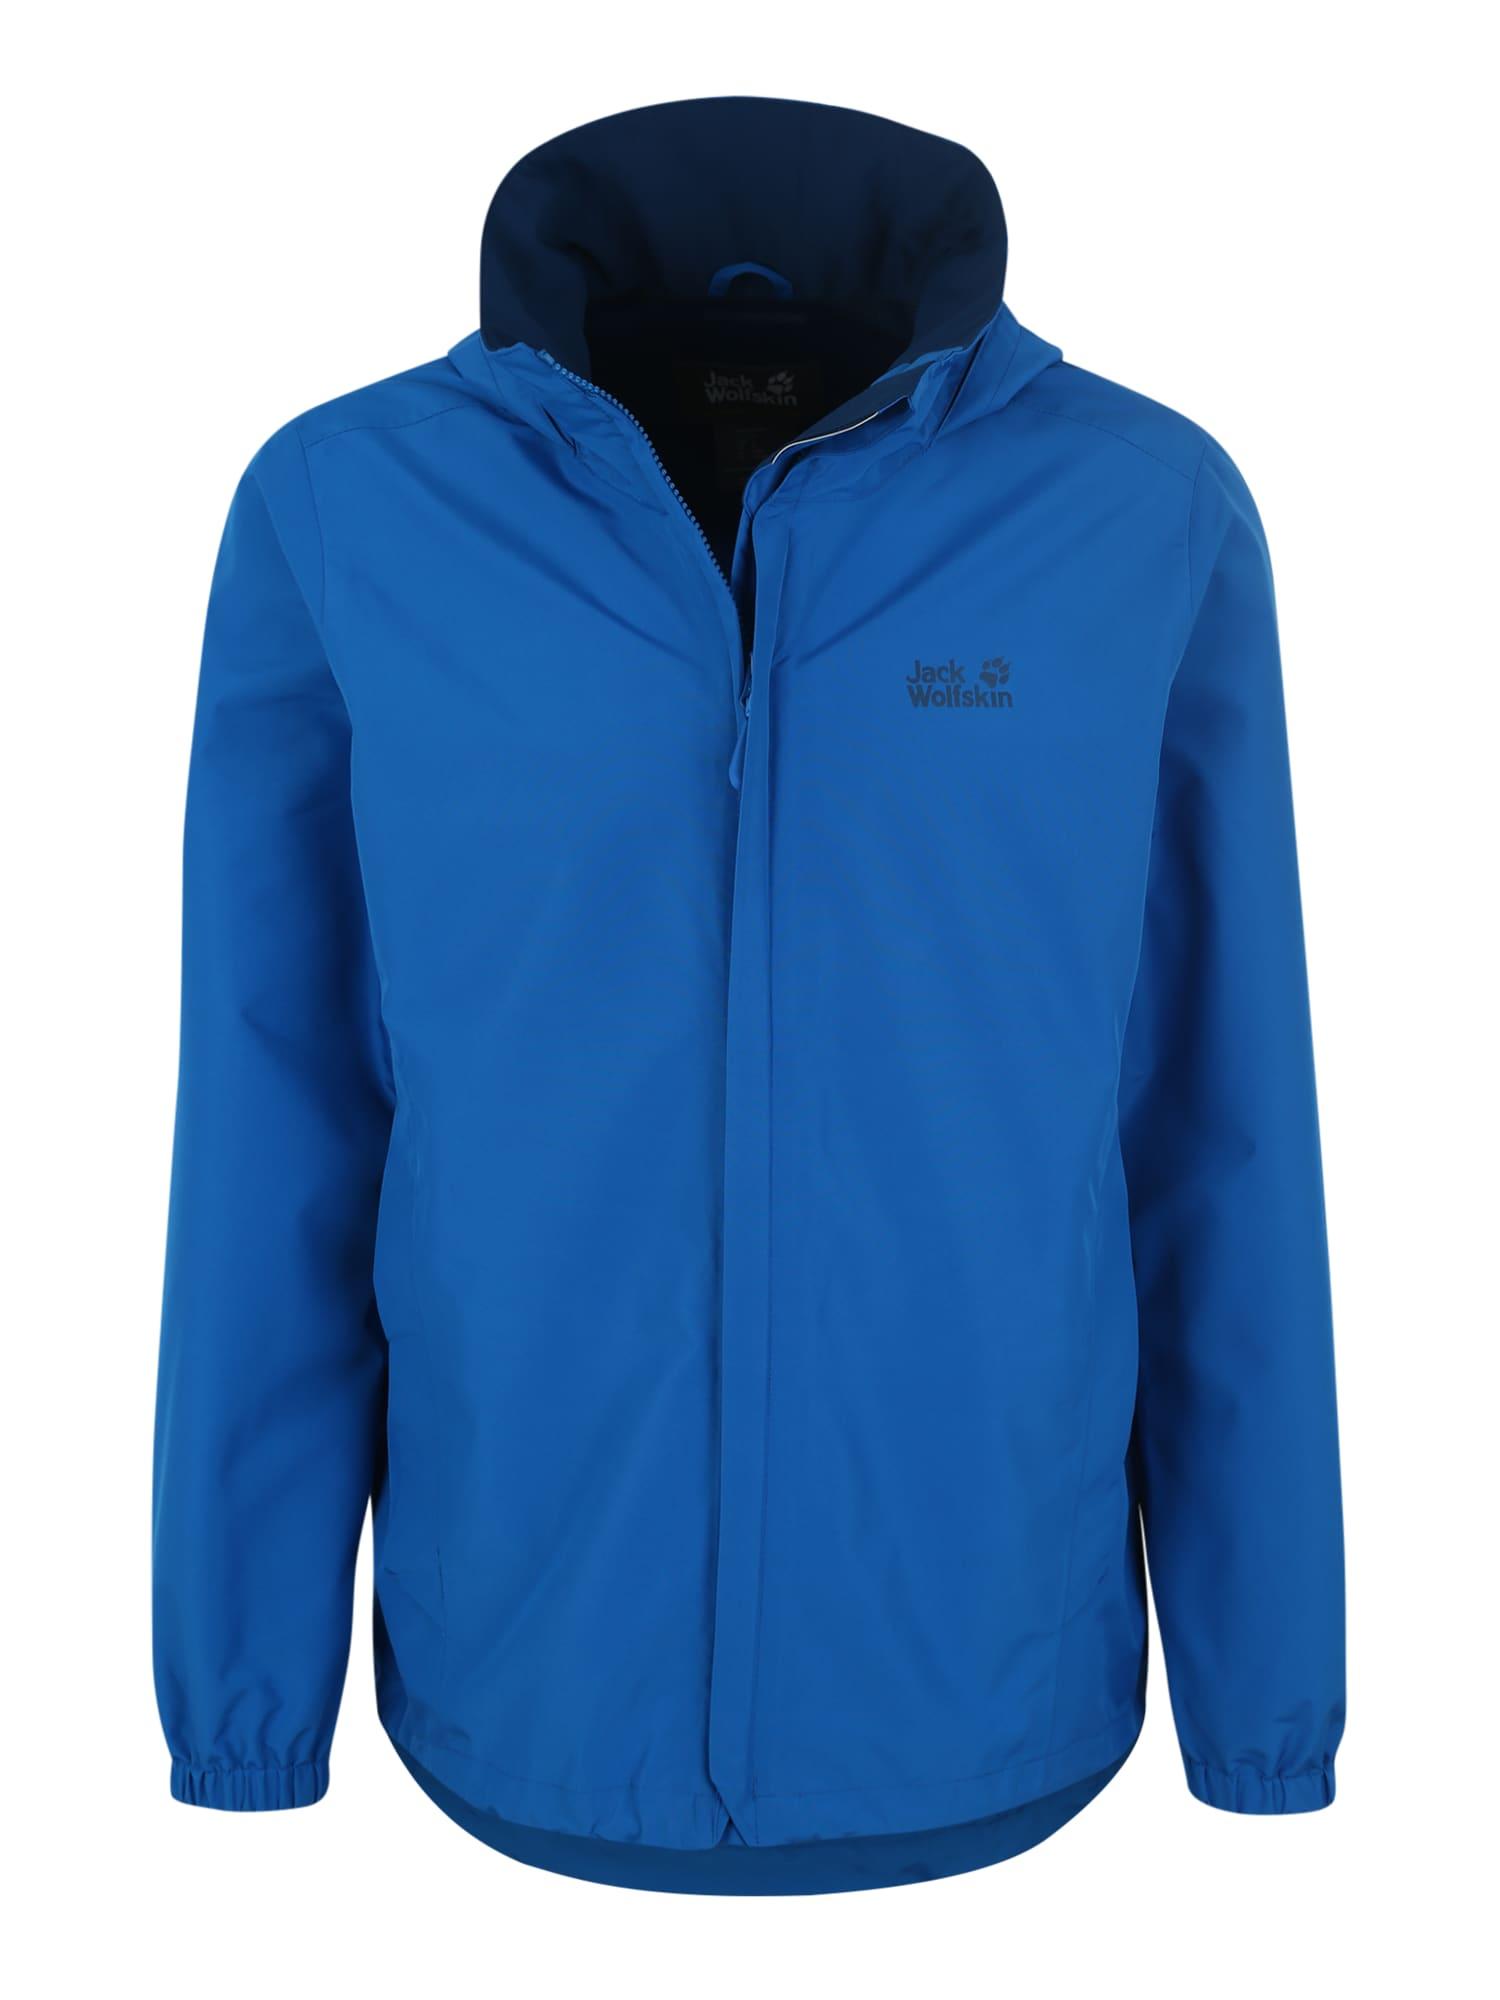 Sportovní bunda Stormy point modrá JACK WOLFSKIN